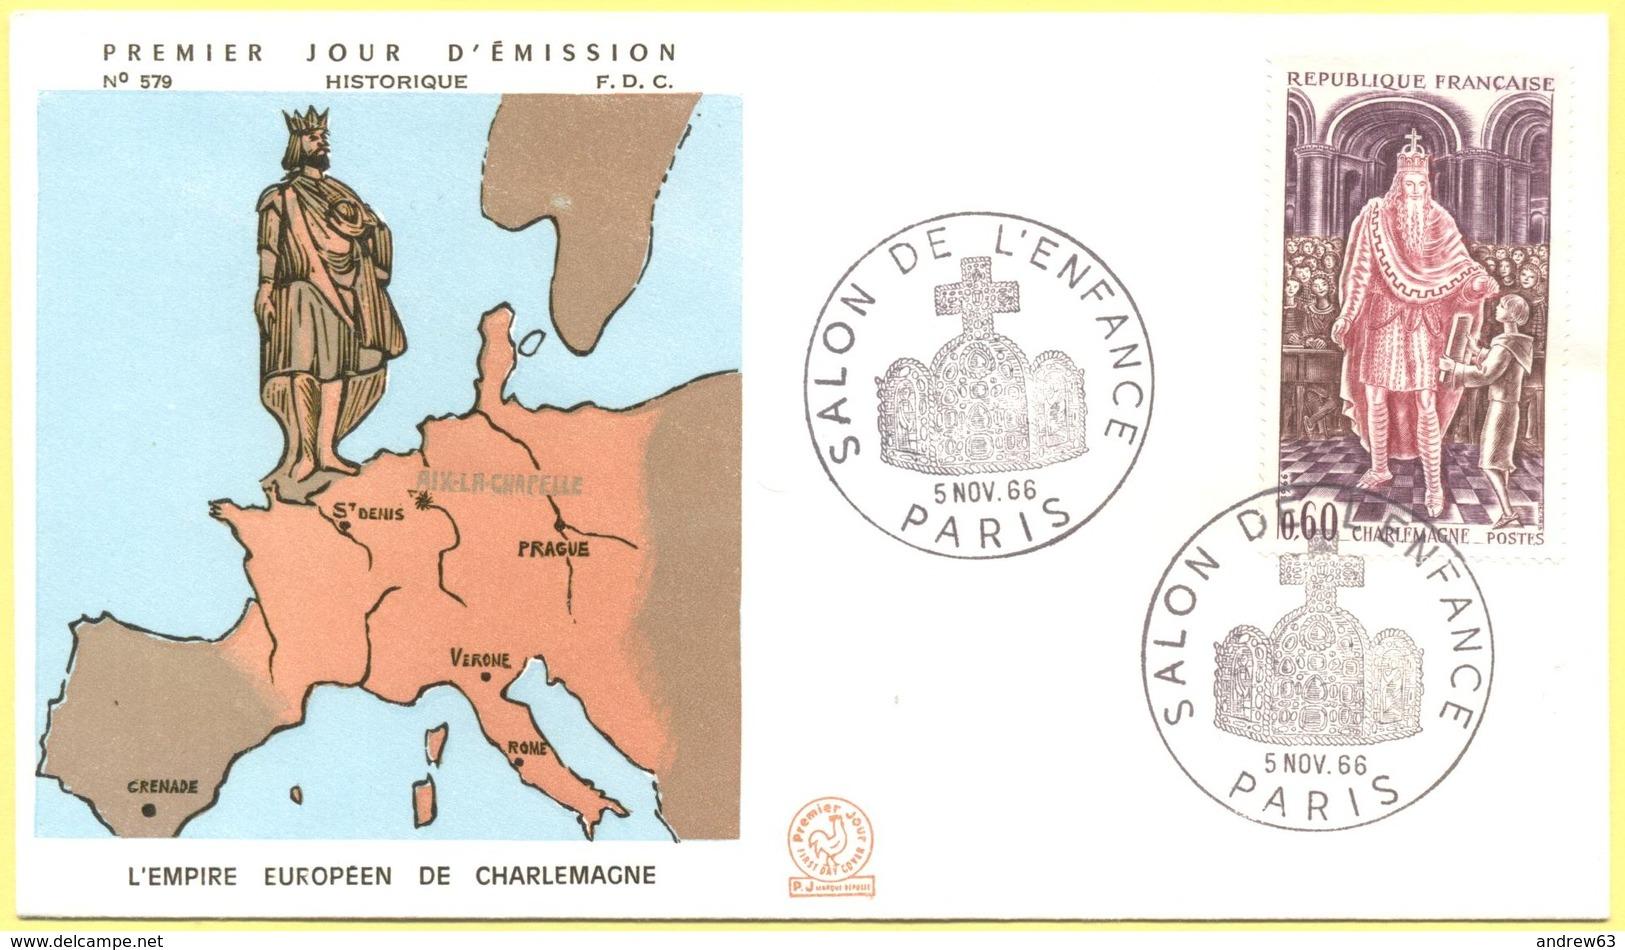 FRANCIA - France - 1966 - Charlemagne - Histoire De France - Salon De L'enfance - Paris - FDC - FDC